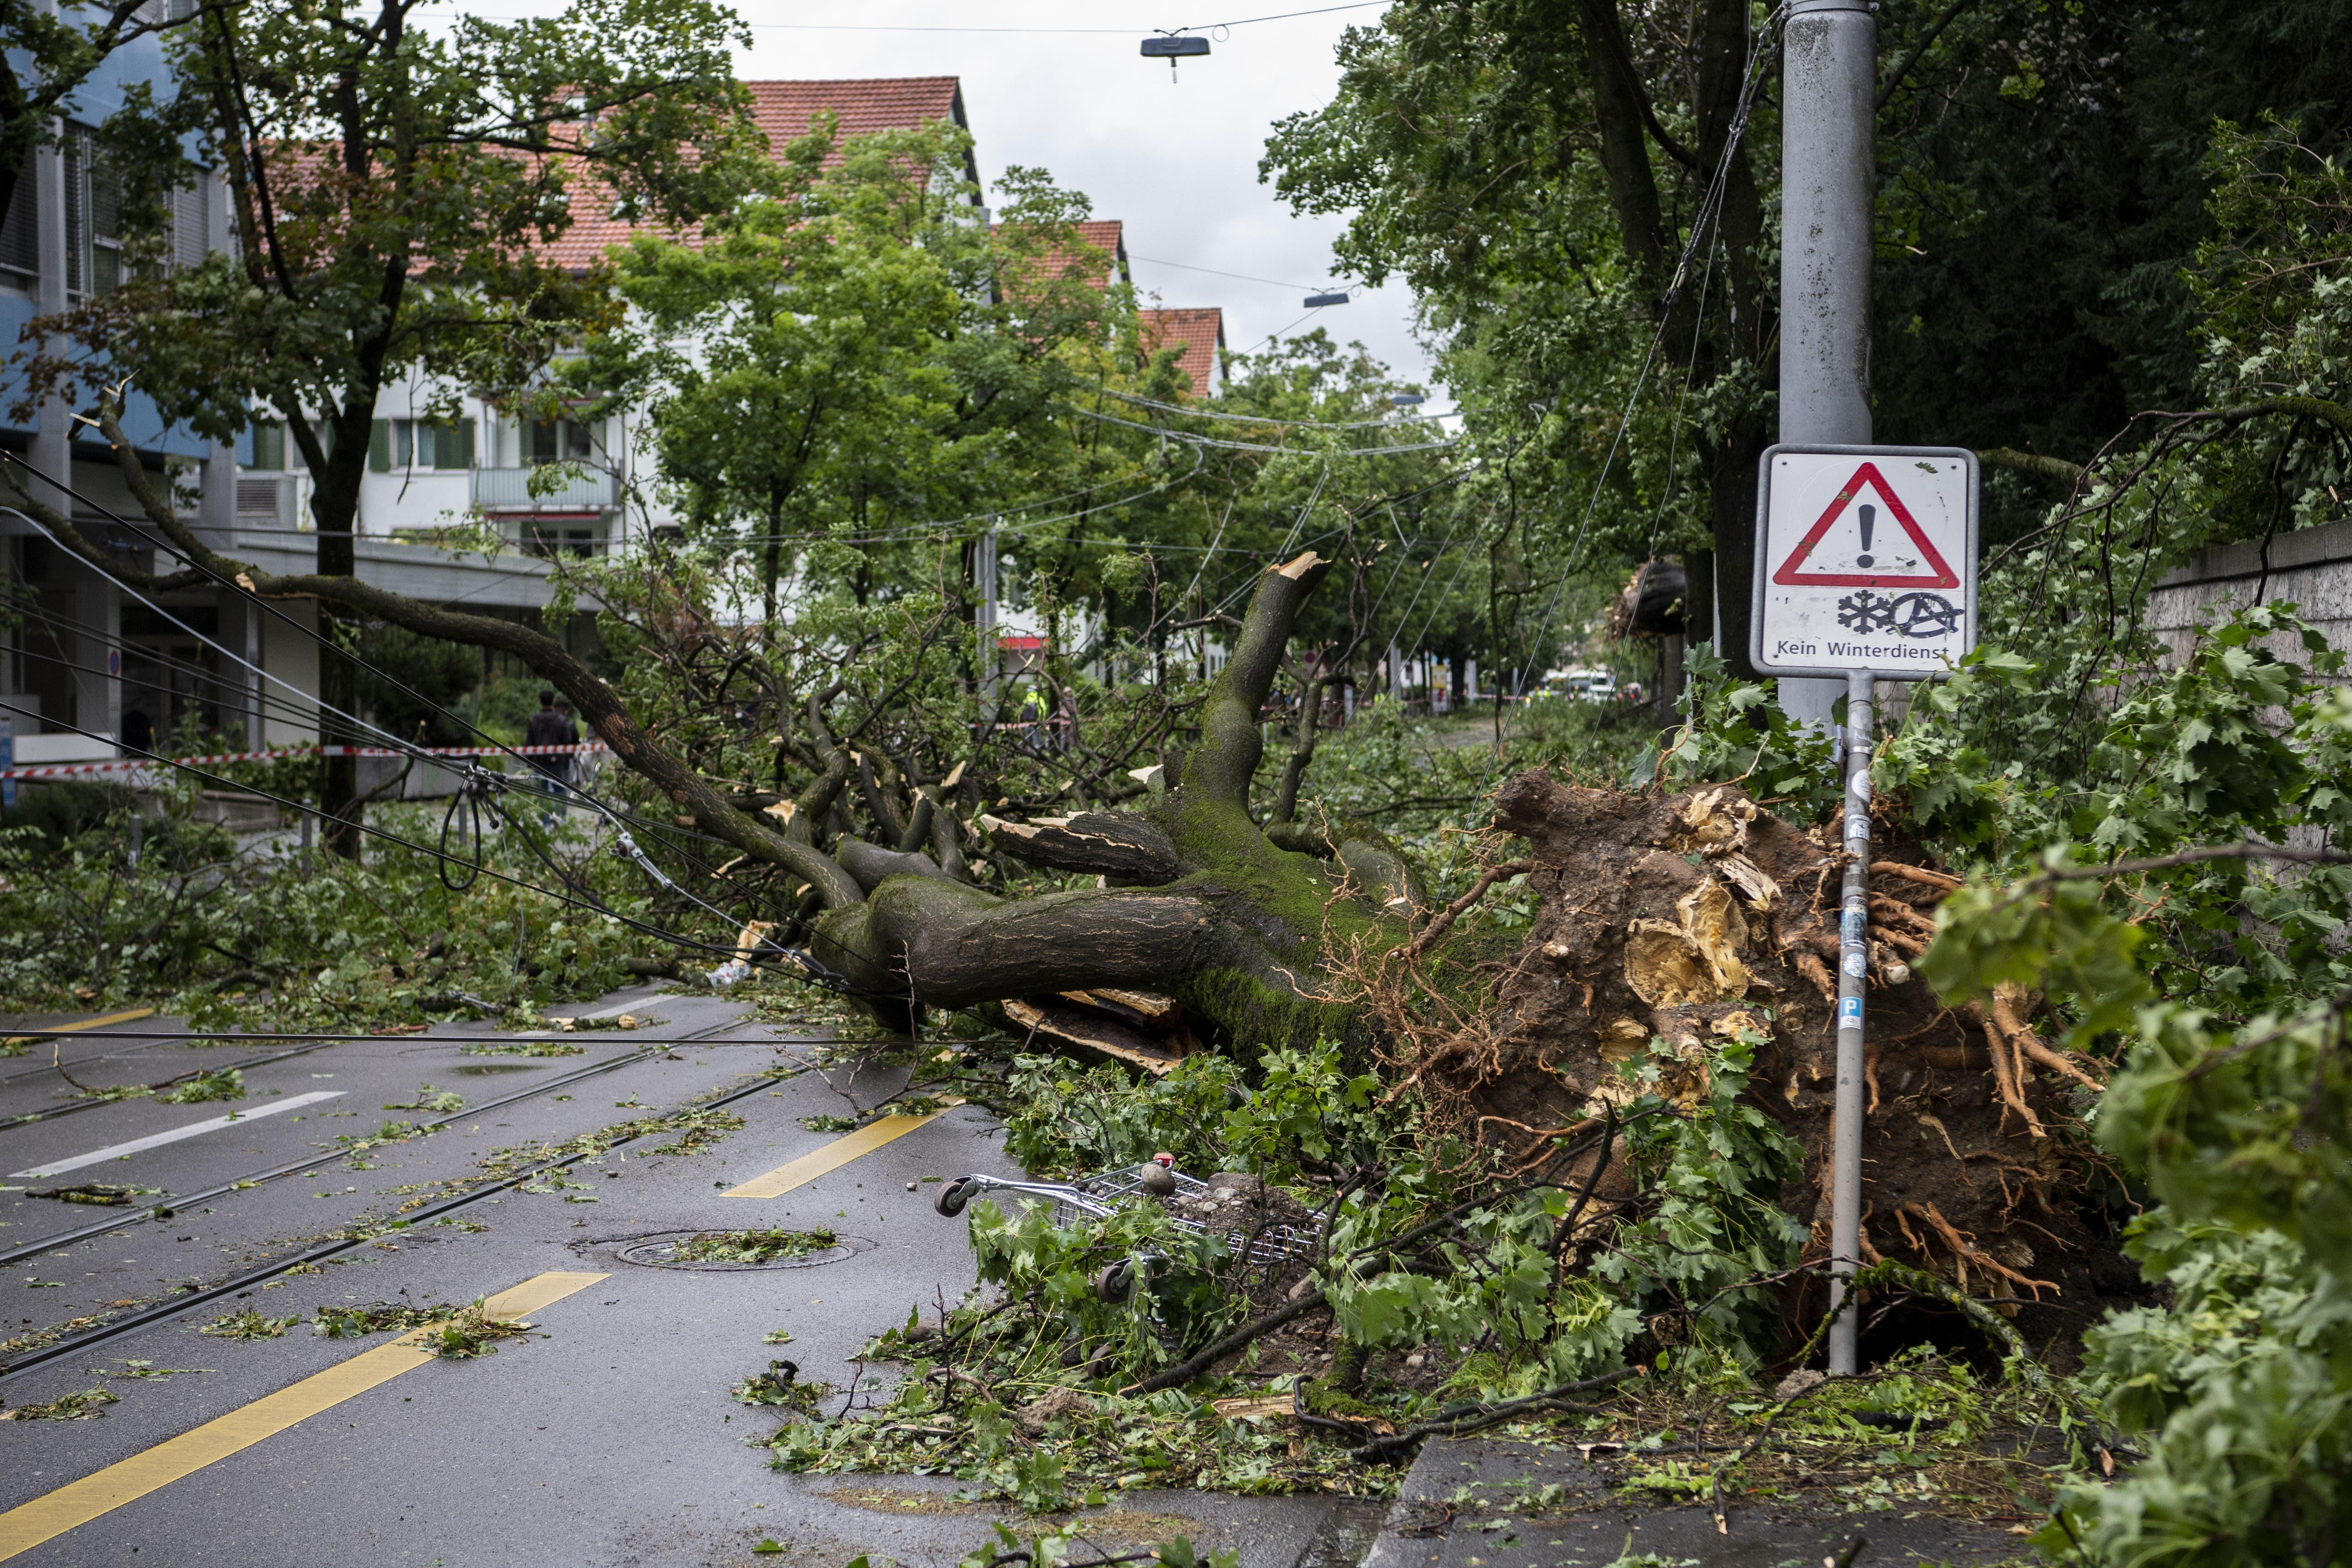 Auf den Strassen in Zürich liegen am Dienstagmorgen Bäume und blockieren Tramlinien. Das Unwetter in der Nacht auf Dienstag riss ganze Bäume samt ihrer Wurzeln mit.